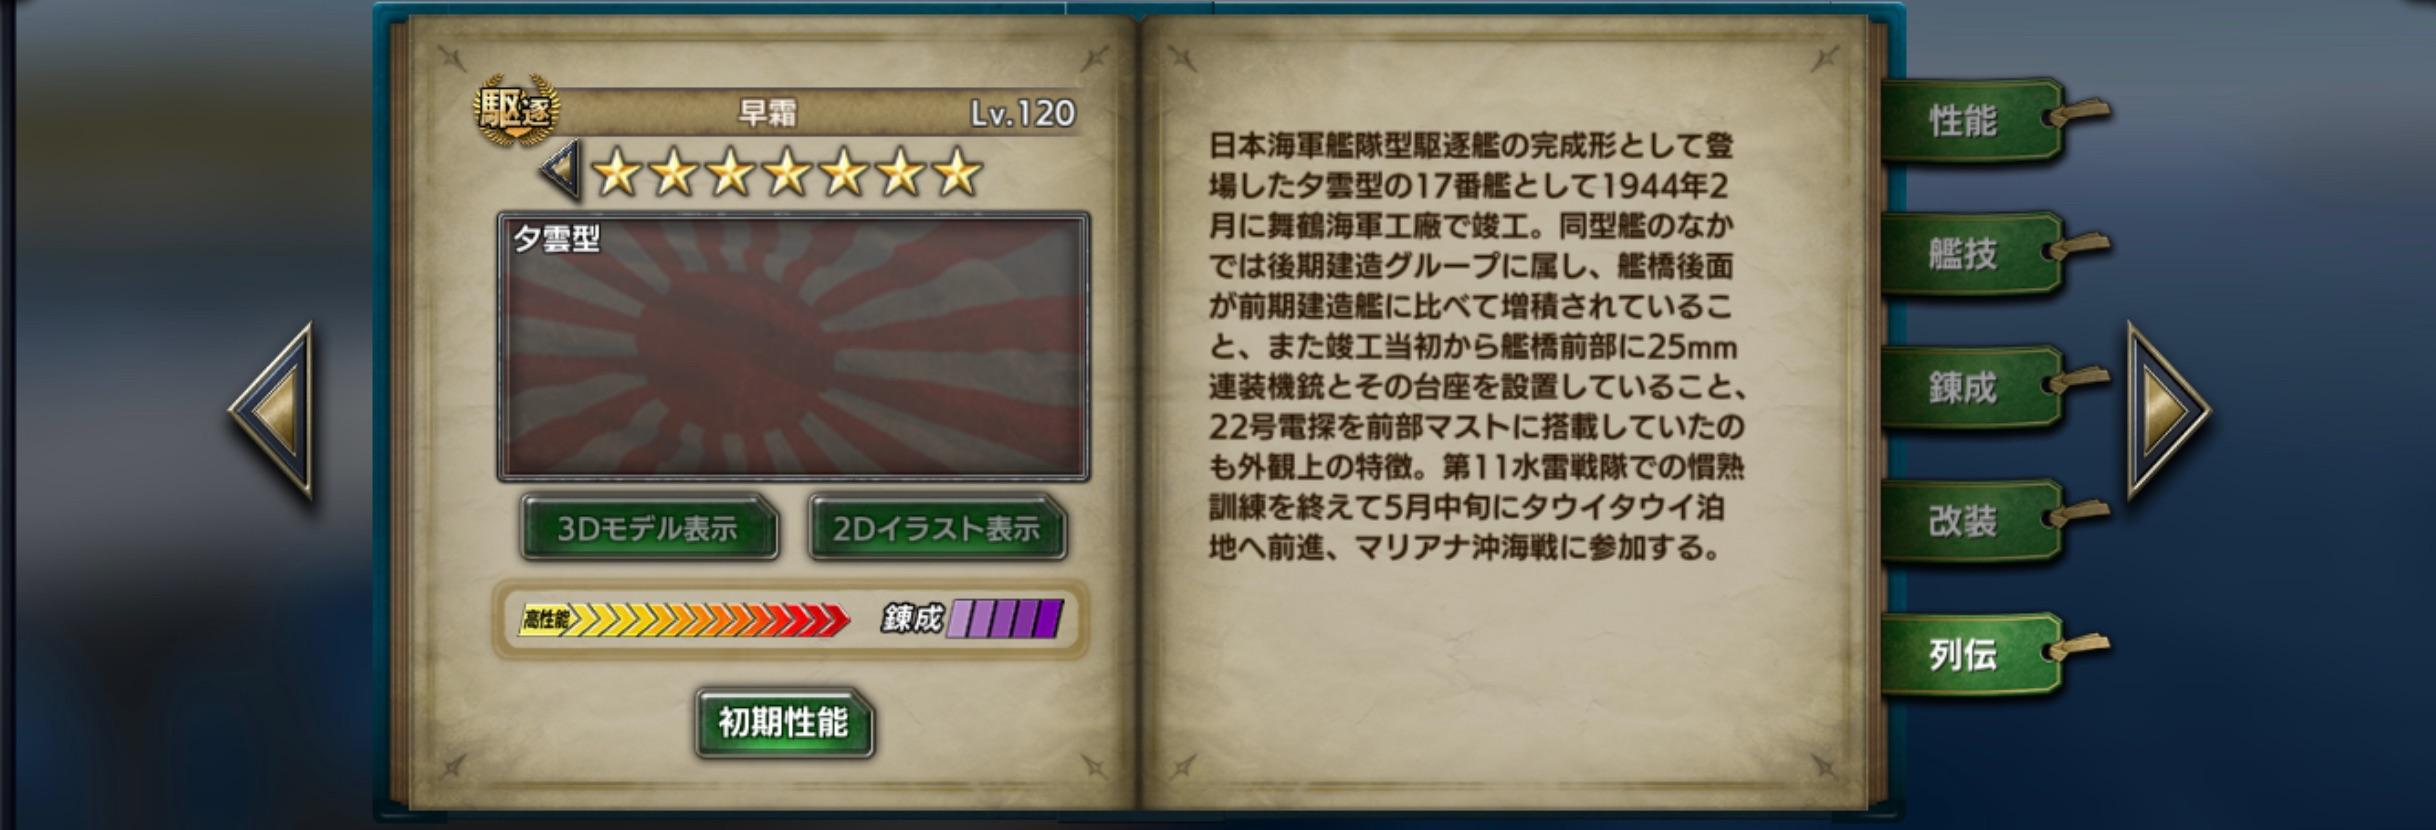 Hayashimo-history